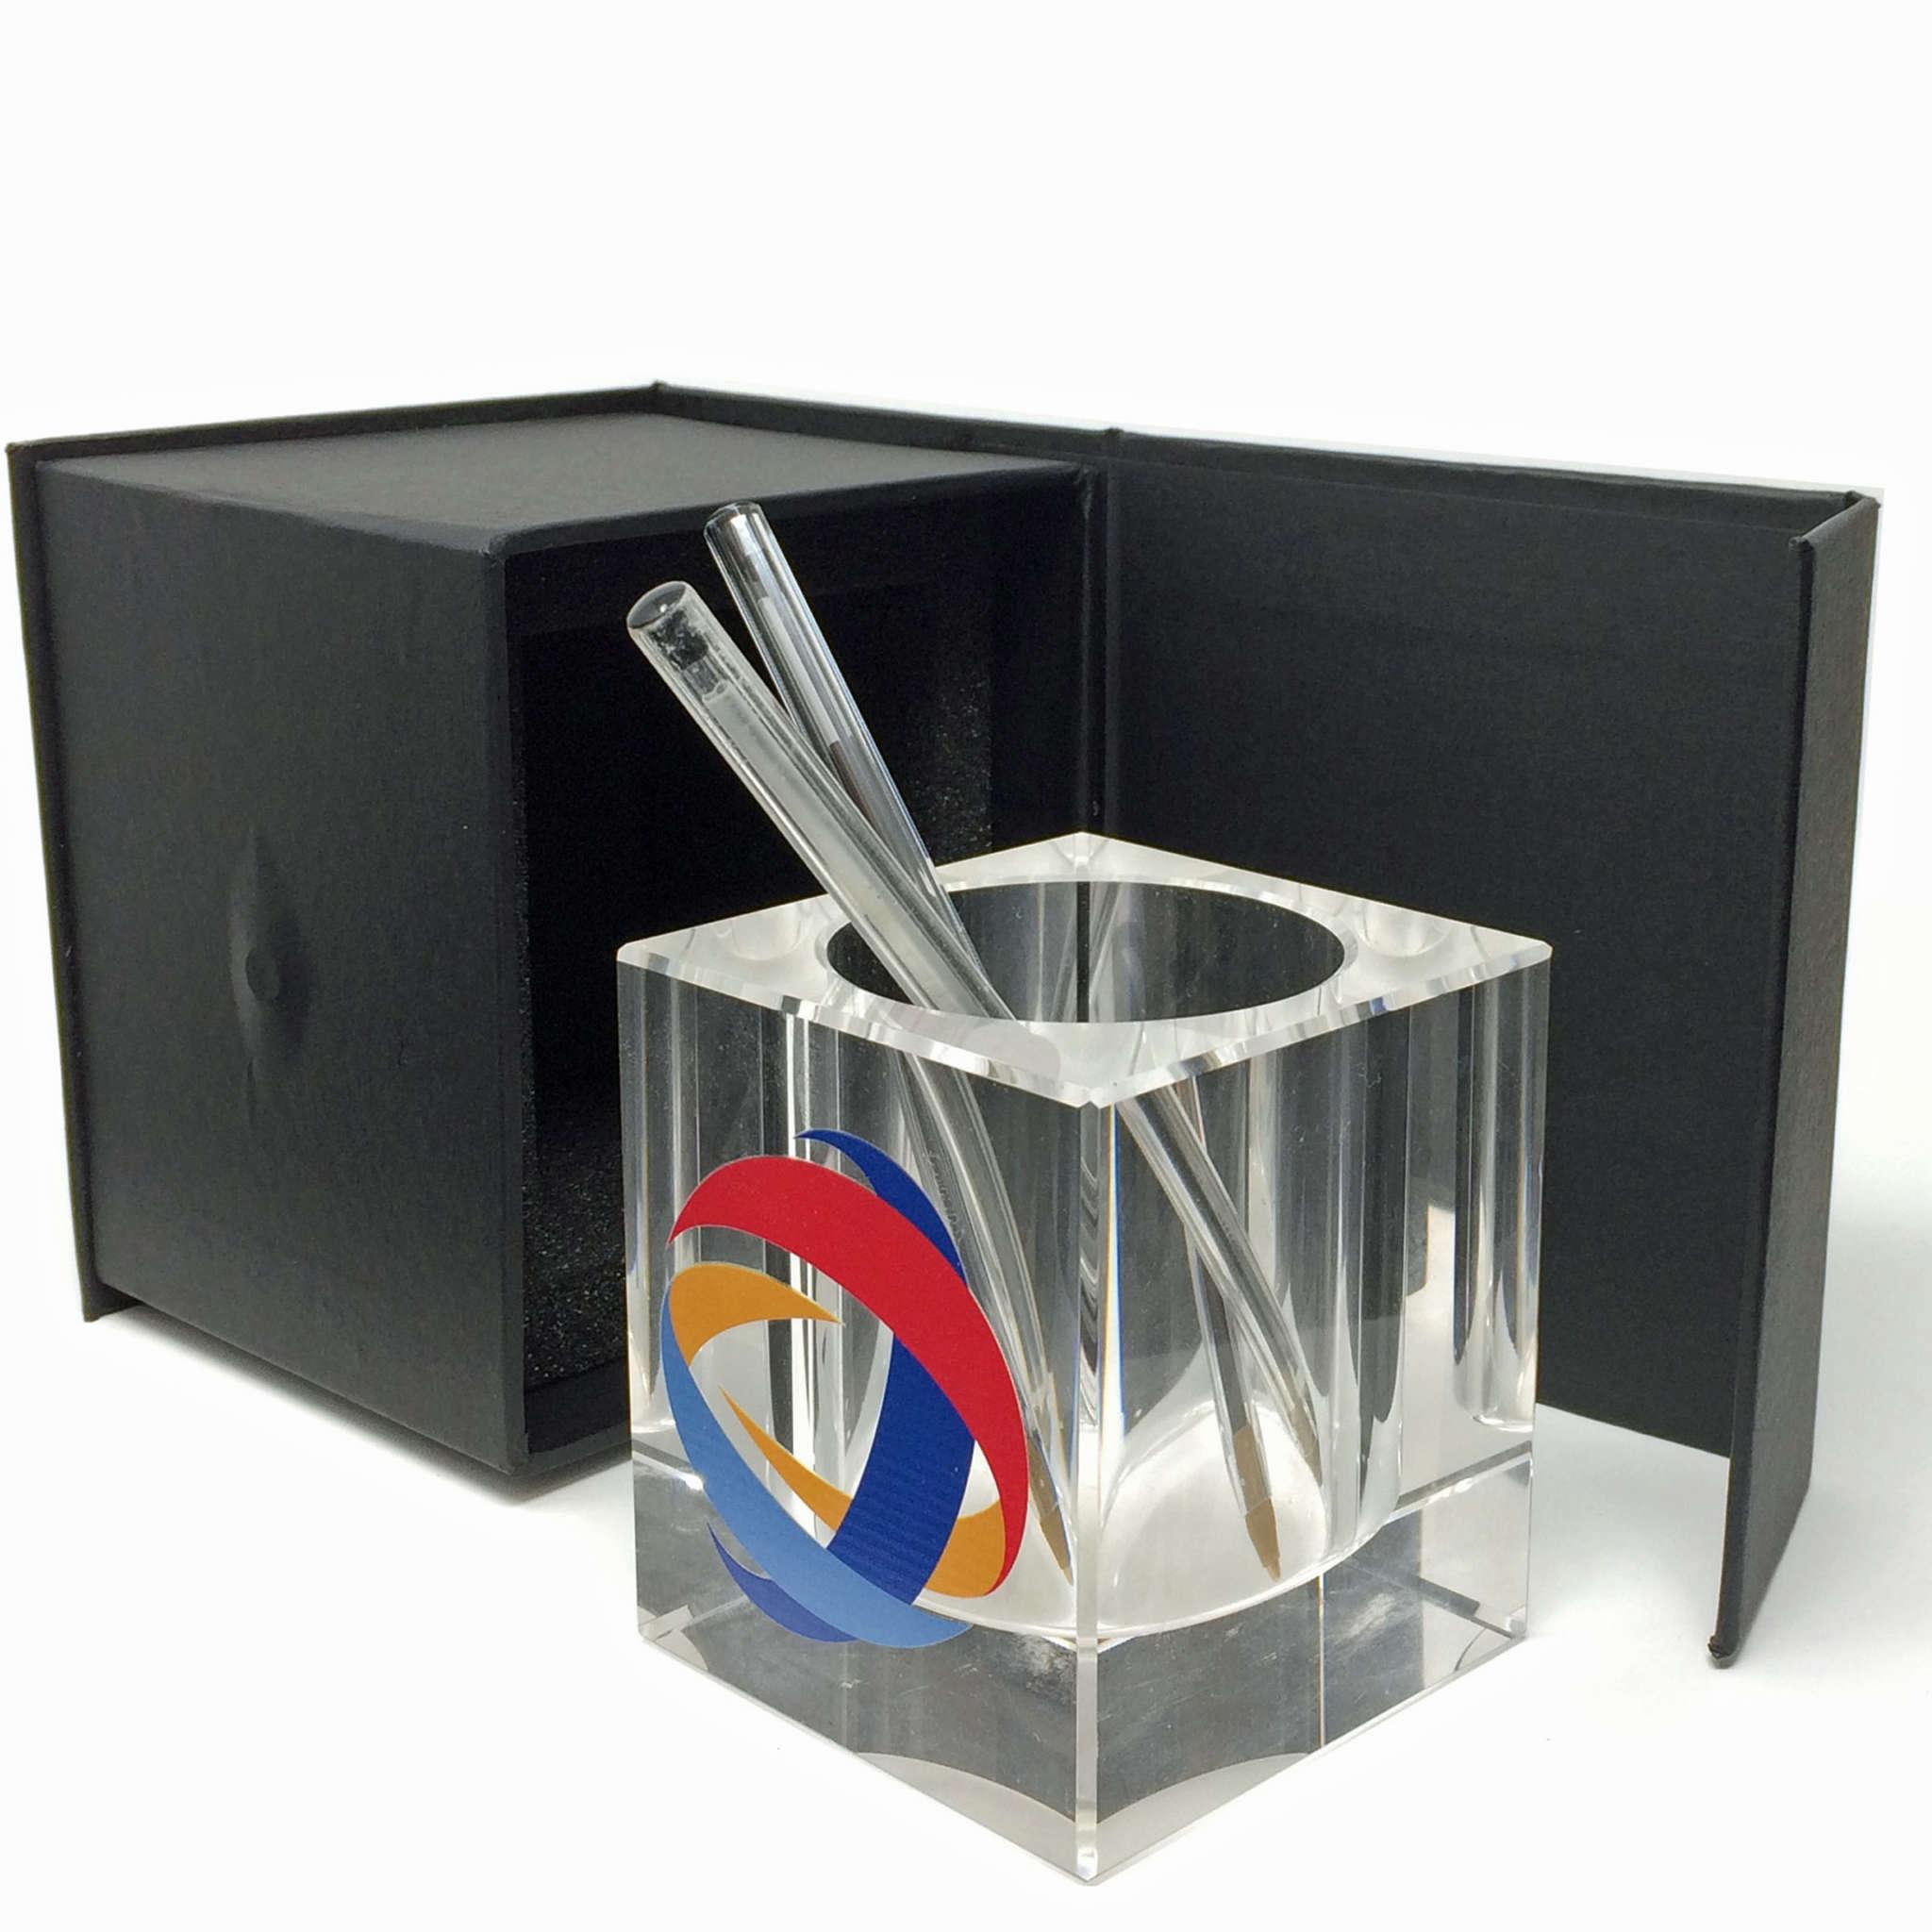 pot à crayon en verre personnalisable avec votre logo